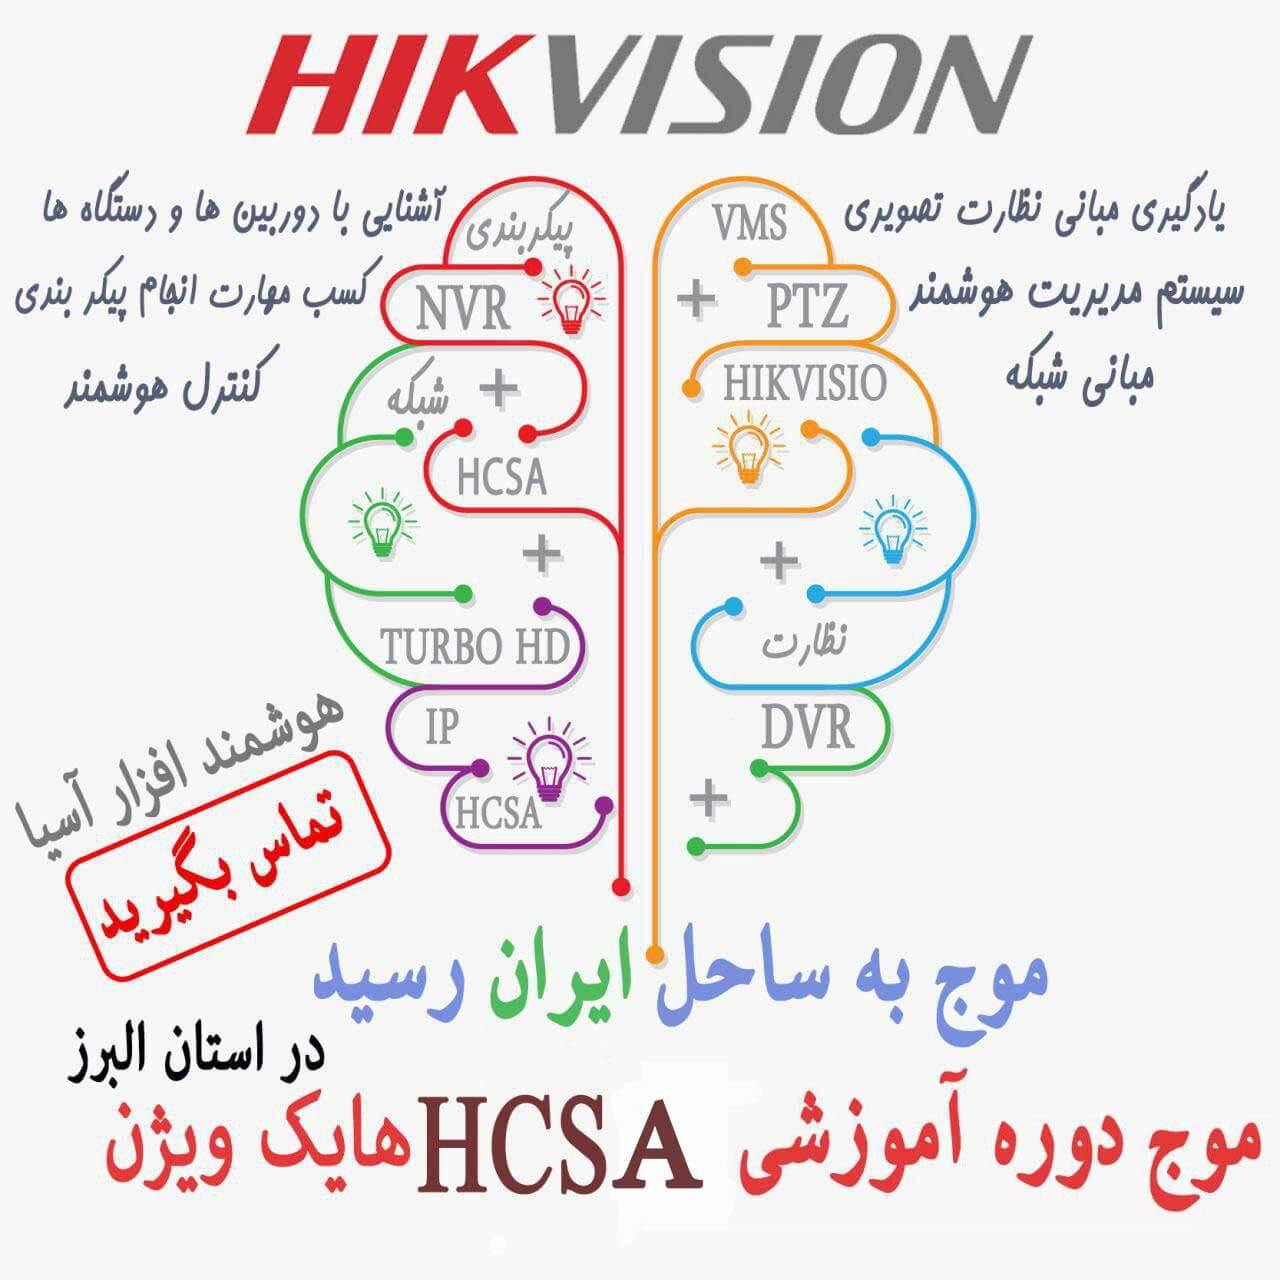 برگزاری دوره آموزشی hcsa هایک ویژن در شرکت هوشمندافزار آسیا